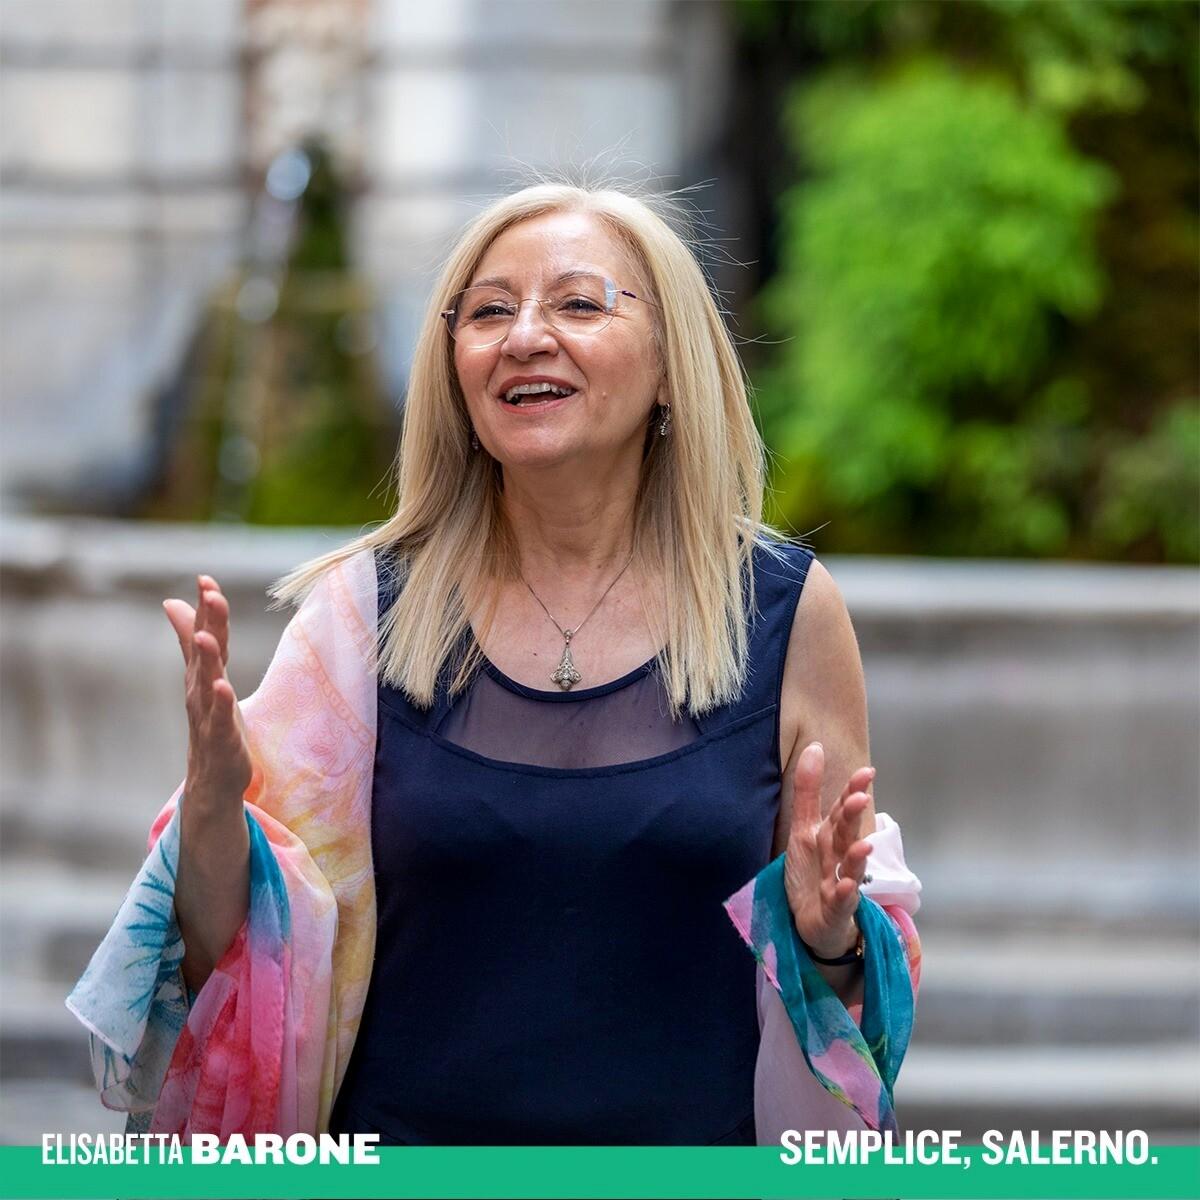 Elezioni a Salerno, comizio in piazza a Pastena anche per Elisabetta Barone